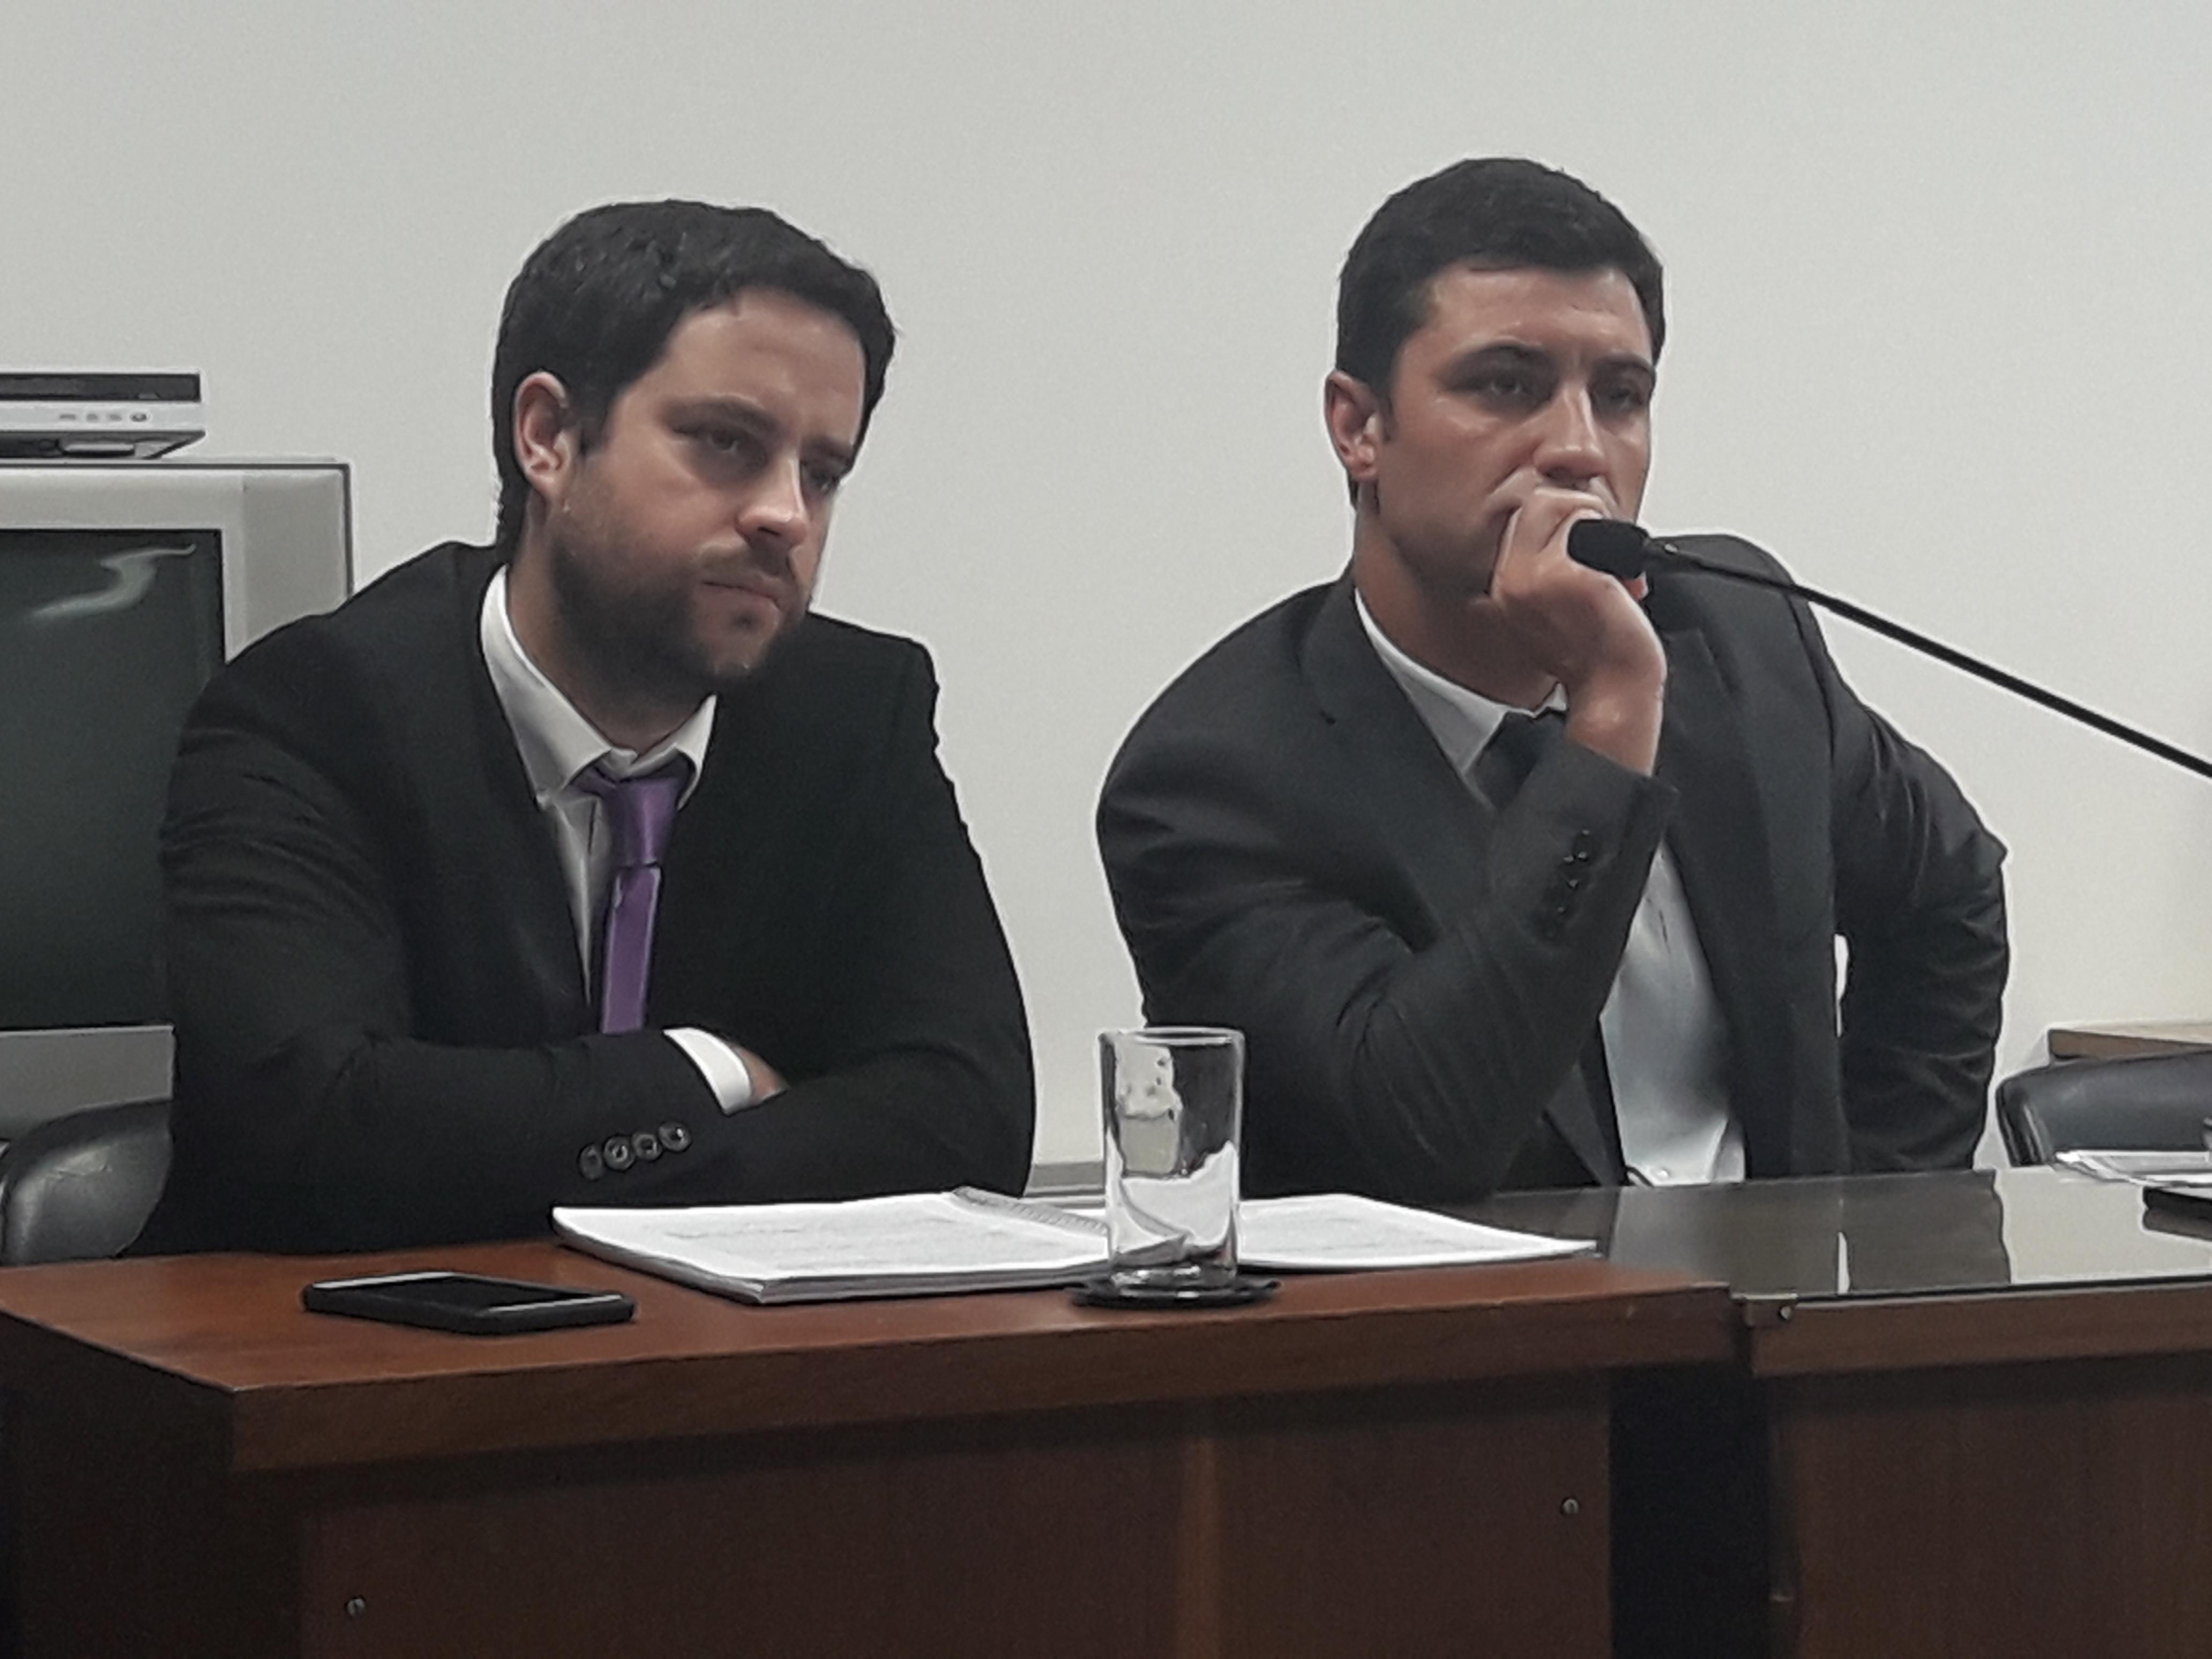 Un acusado de incitar saqueos le revoleó un vaso al fiscal